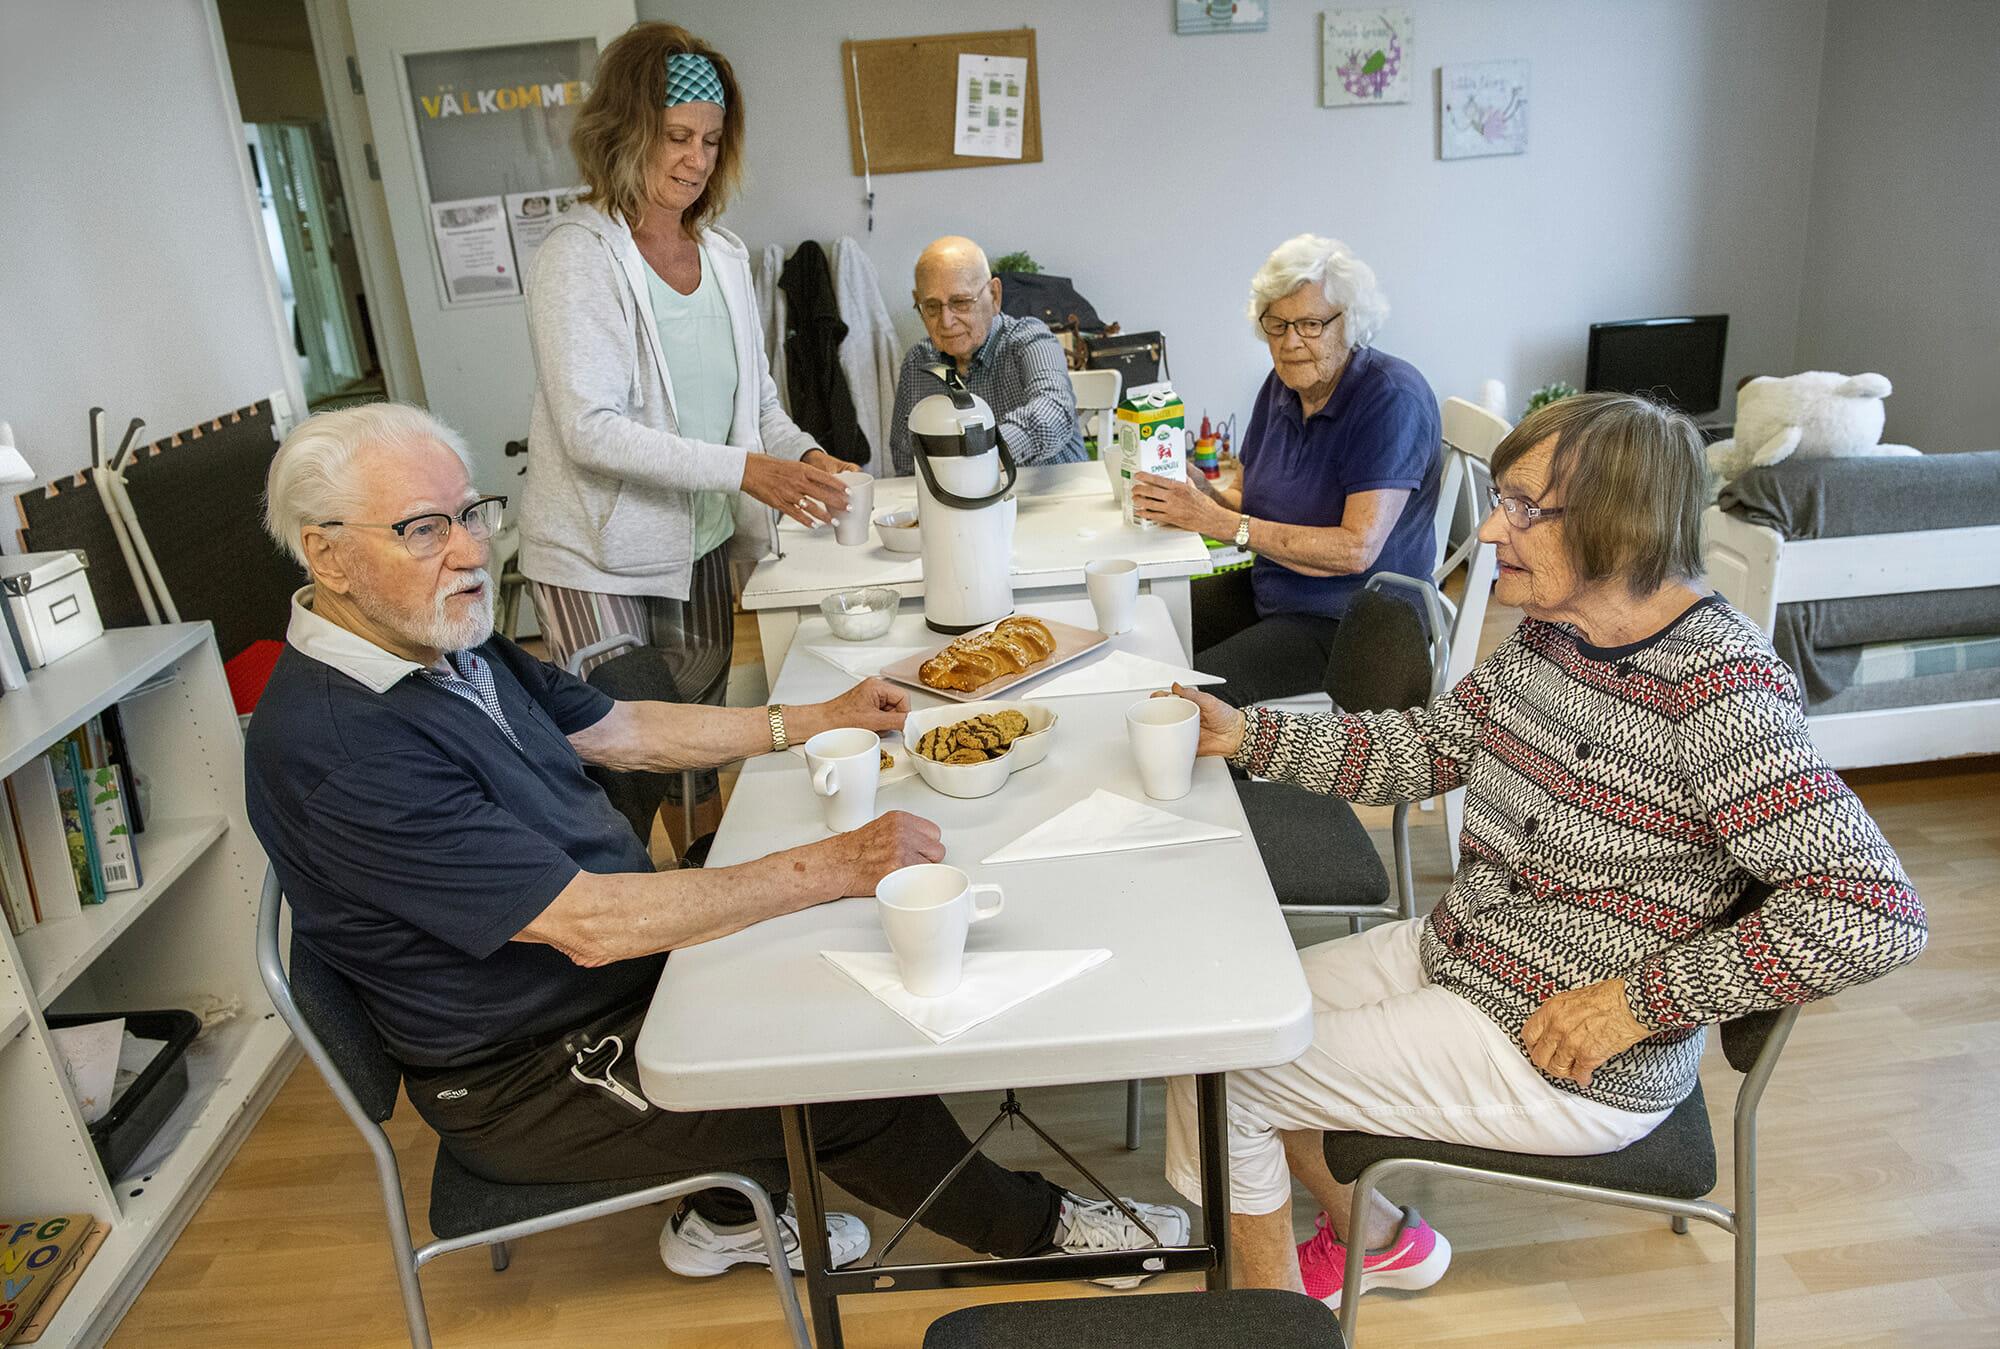 Monica Elsinga fikar med Stig Lundahl, Rurik Kamb, Birgitta Wetterdal och Kerstin Hellgren efter 90-plus gruppens träning på Body Joy.